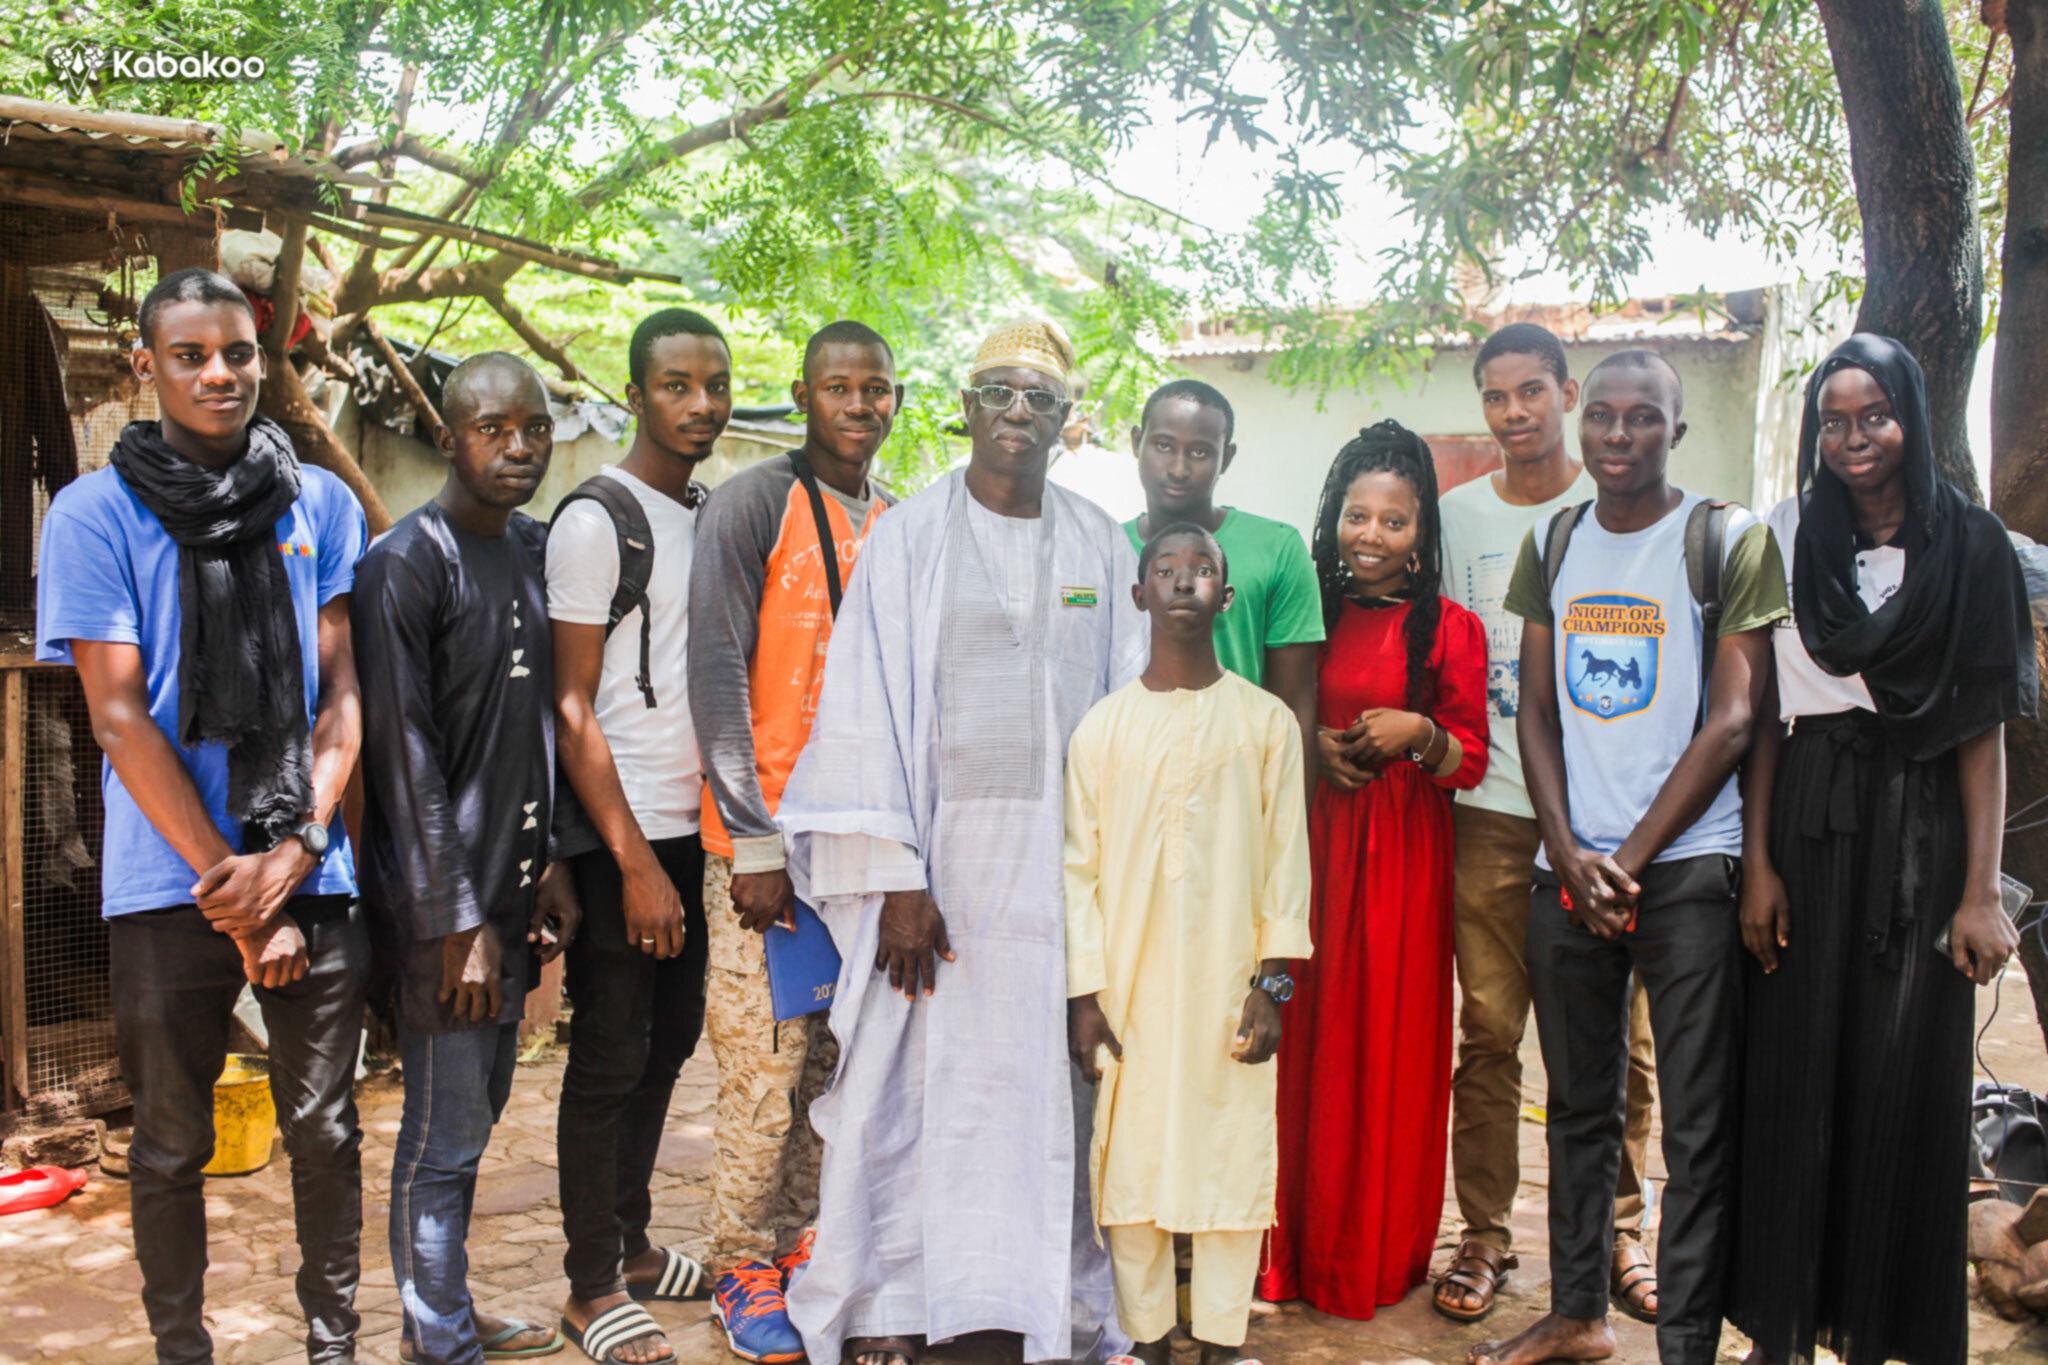 Kabakoo Academies_Africa_Communauté Apprenante_Djéli_Griot_Mandé_Siaka Kouyaté_Bamako_Mali